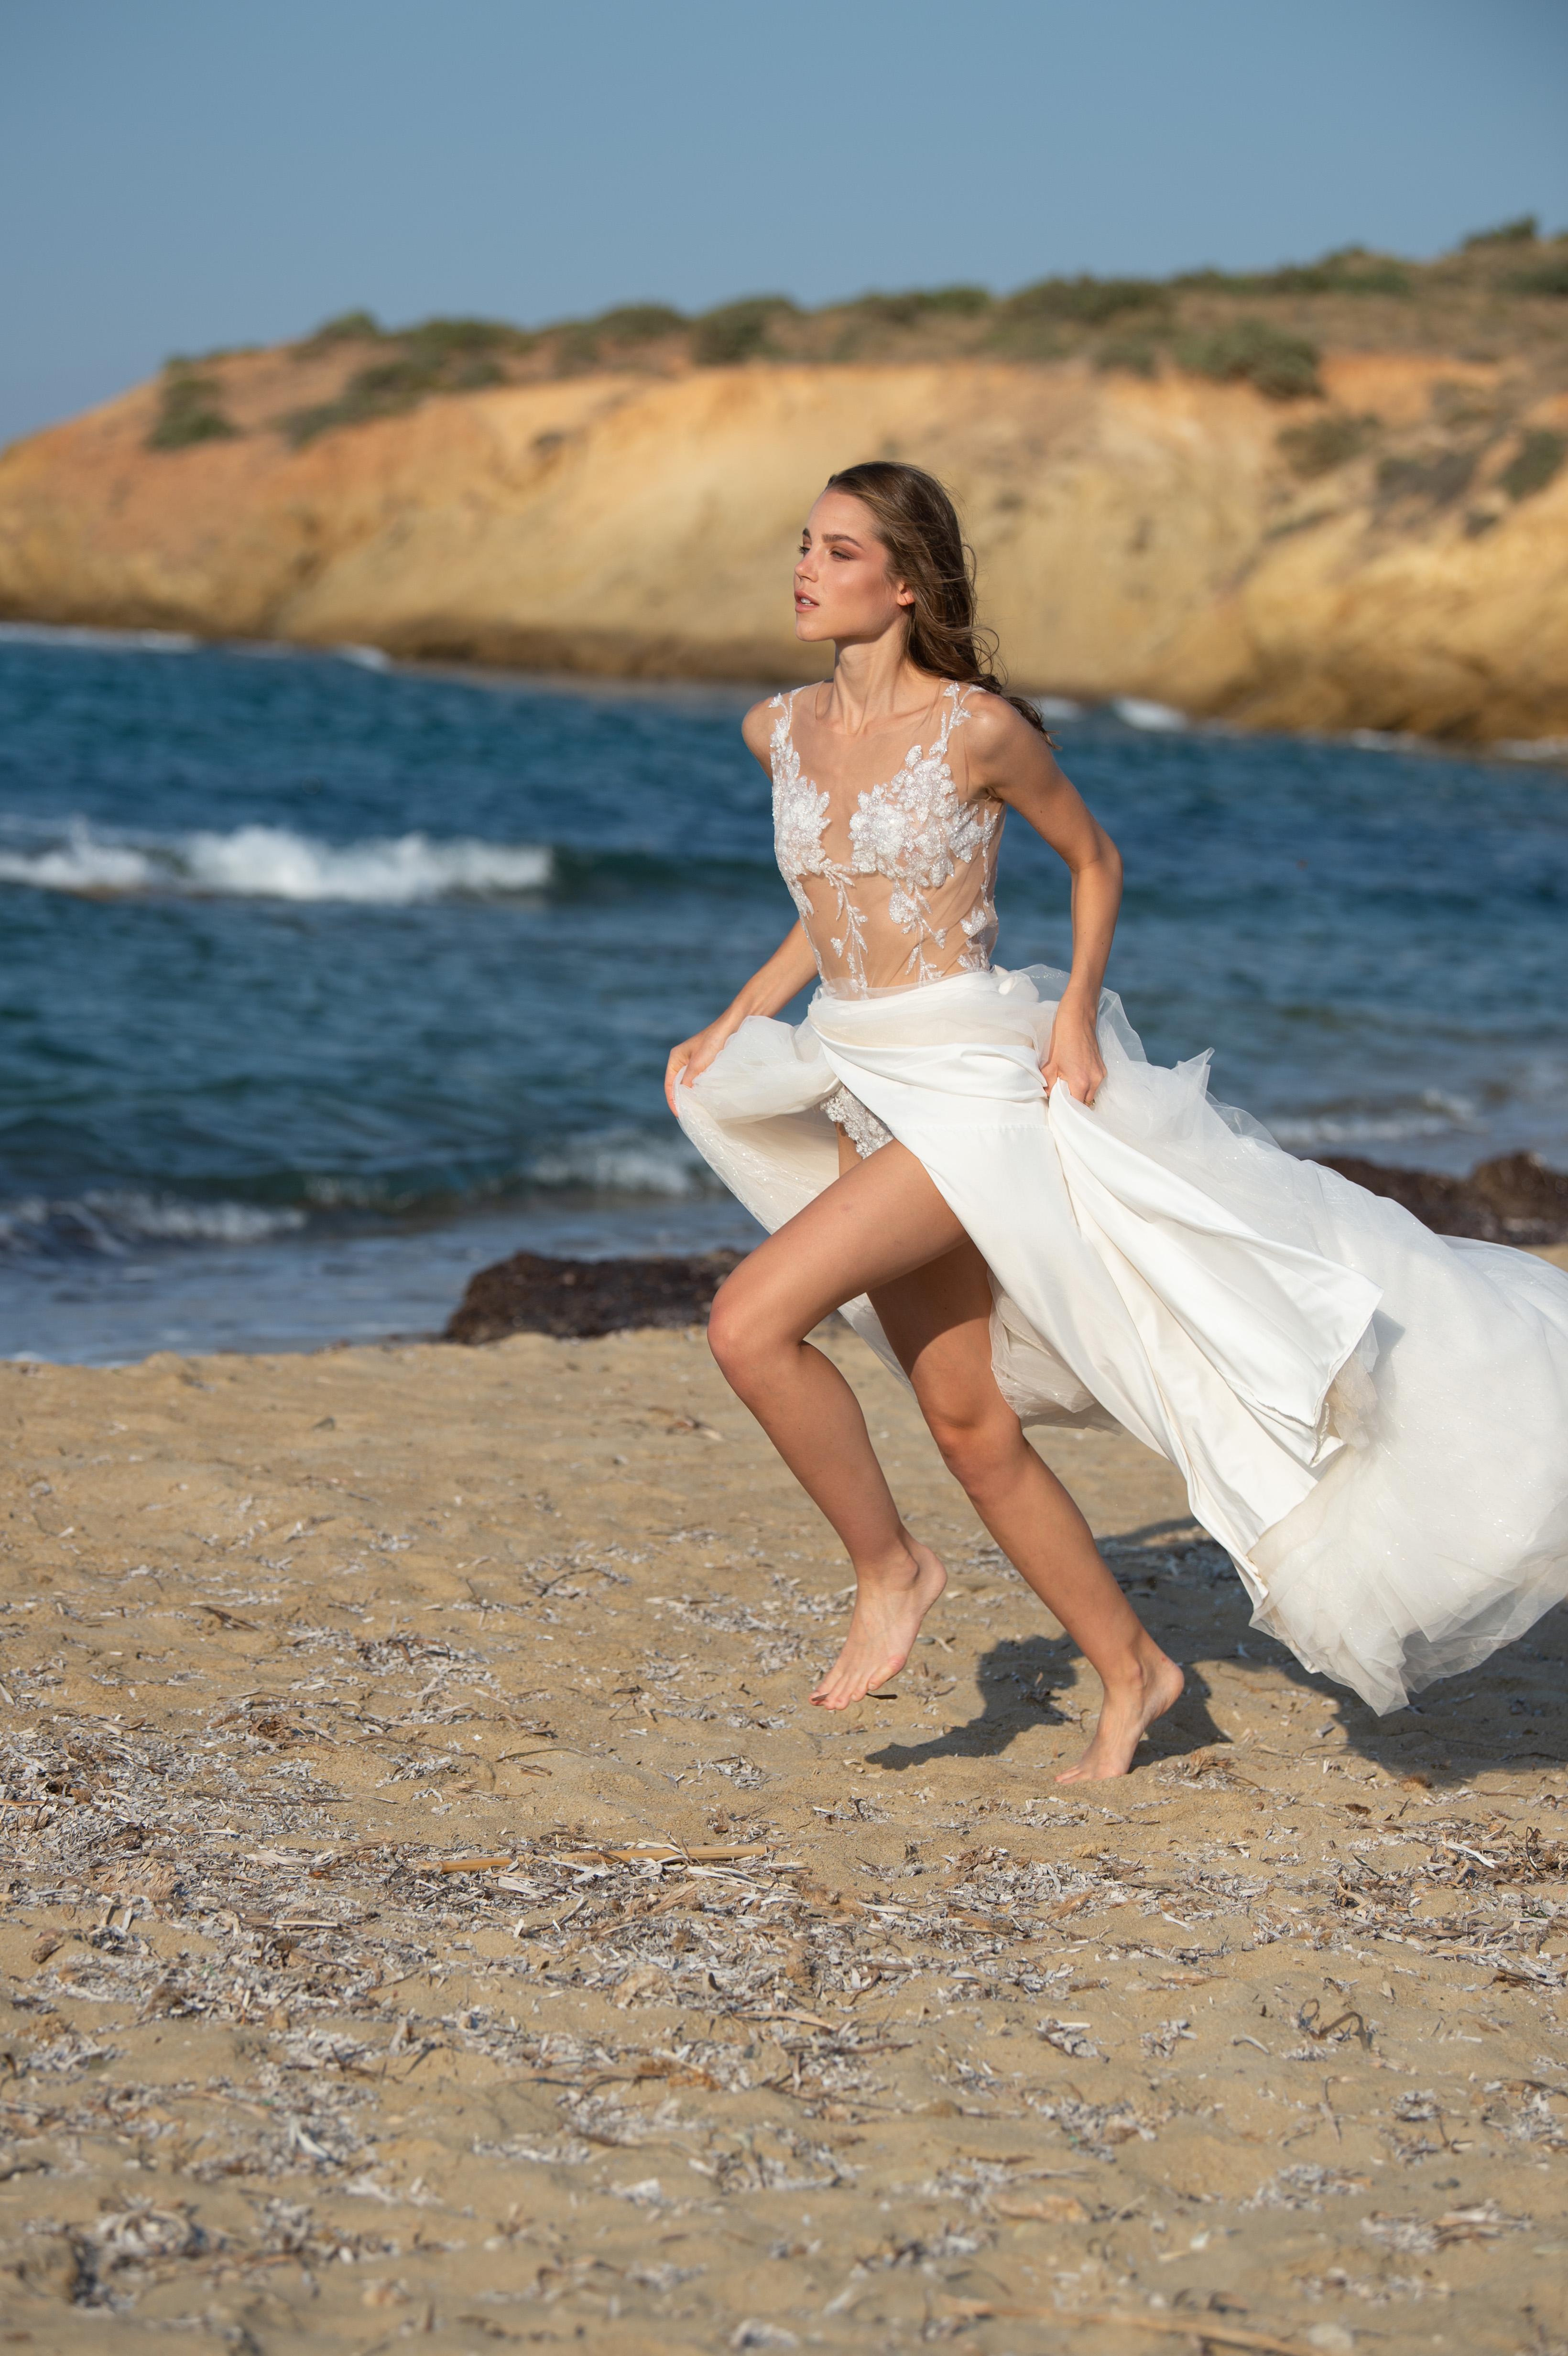 Frau in weißem Brautkleid läuft über den Strand am Meer.